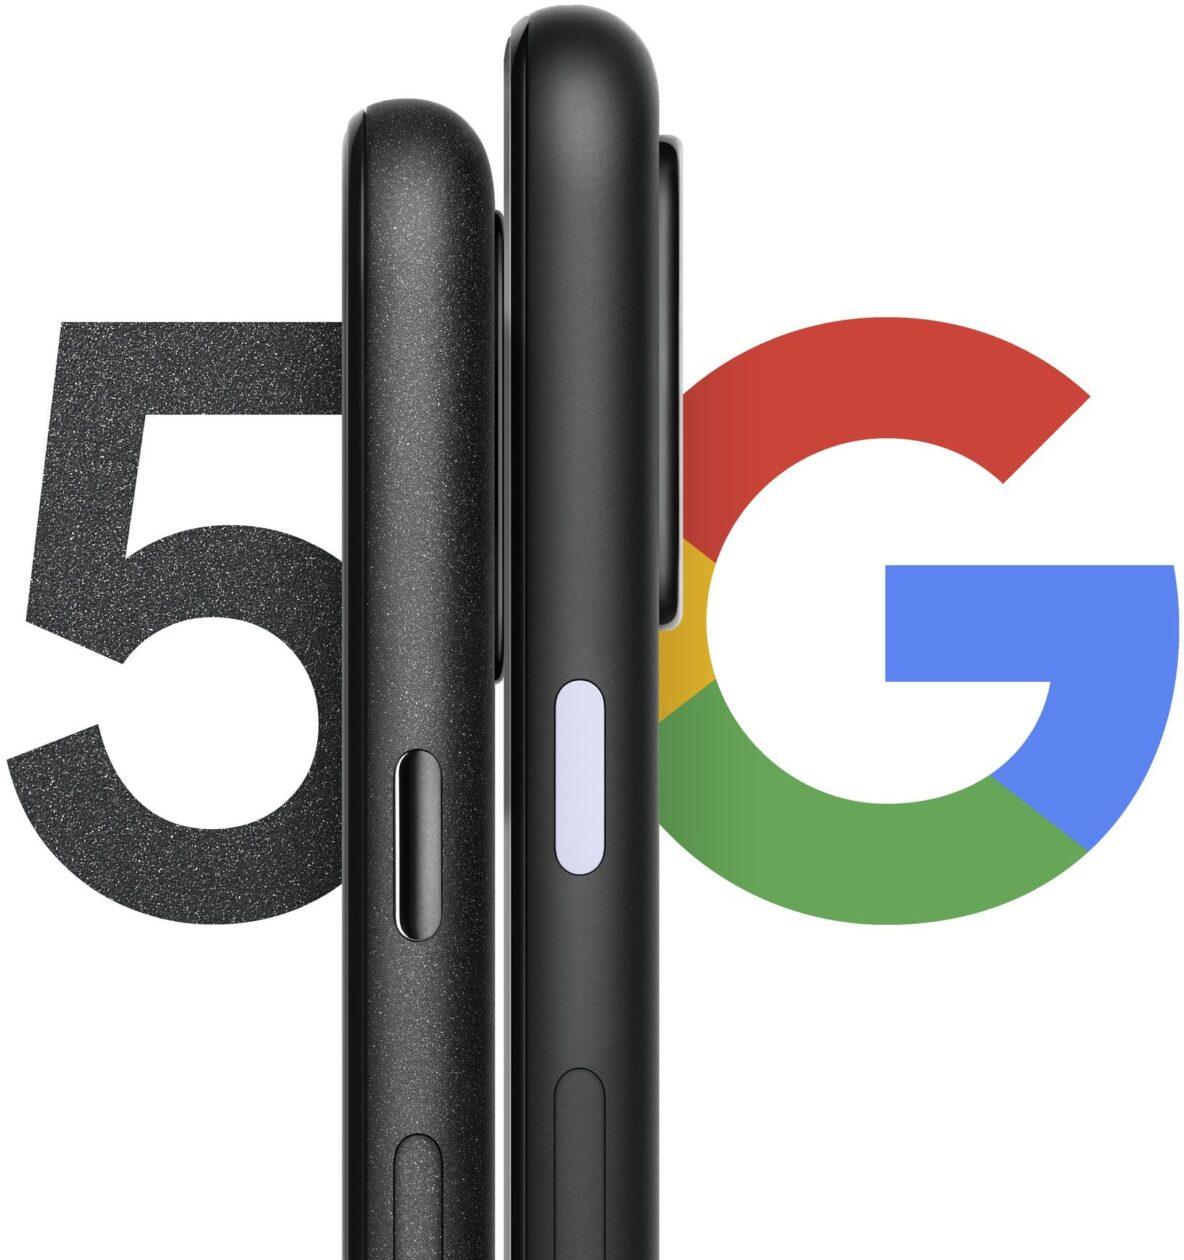 Google Pixel 5 e Pixel 4a 5G